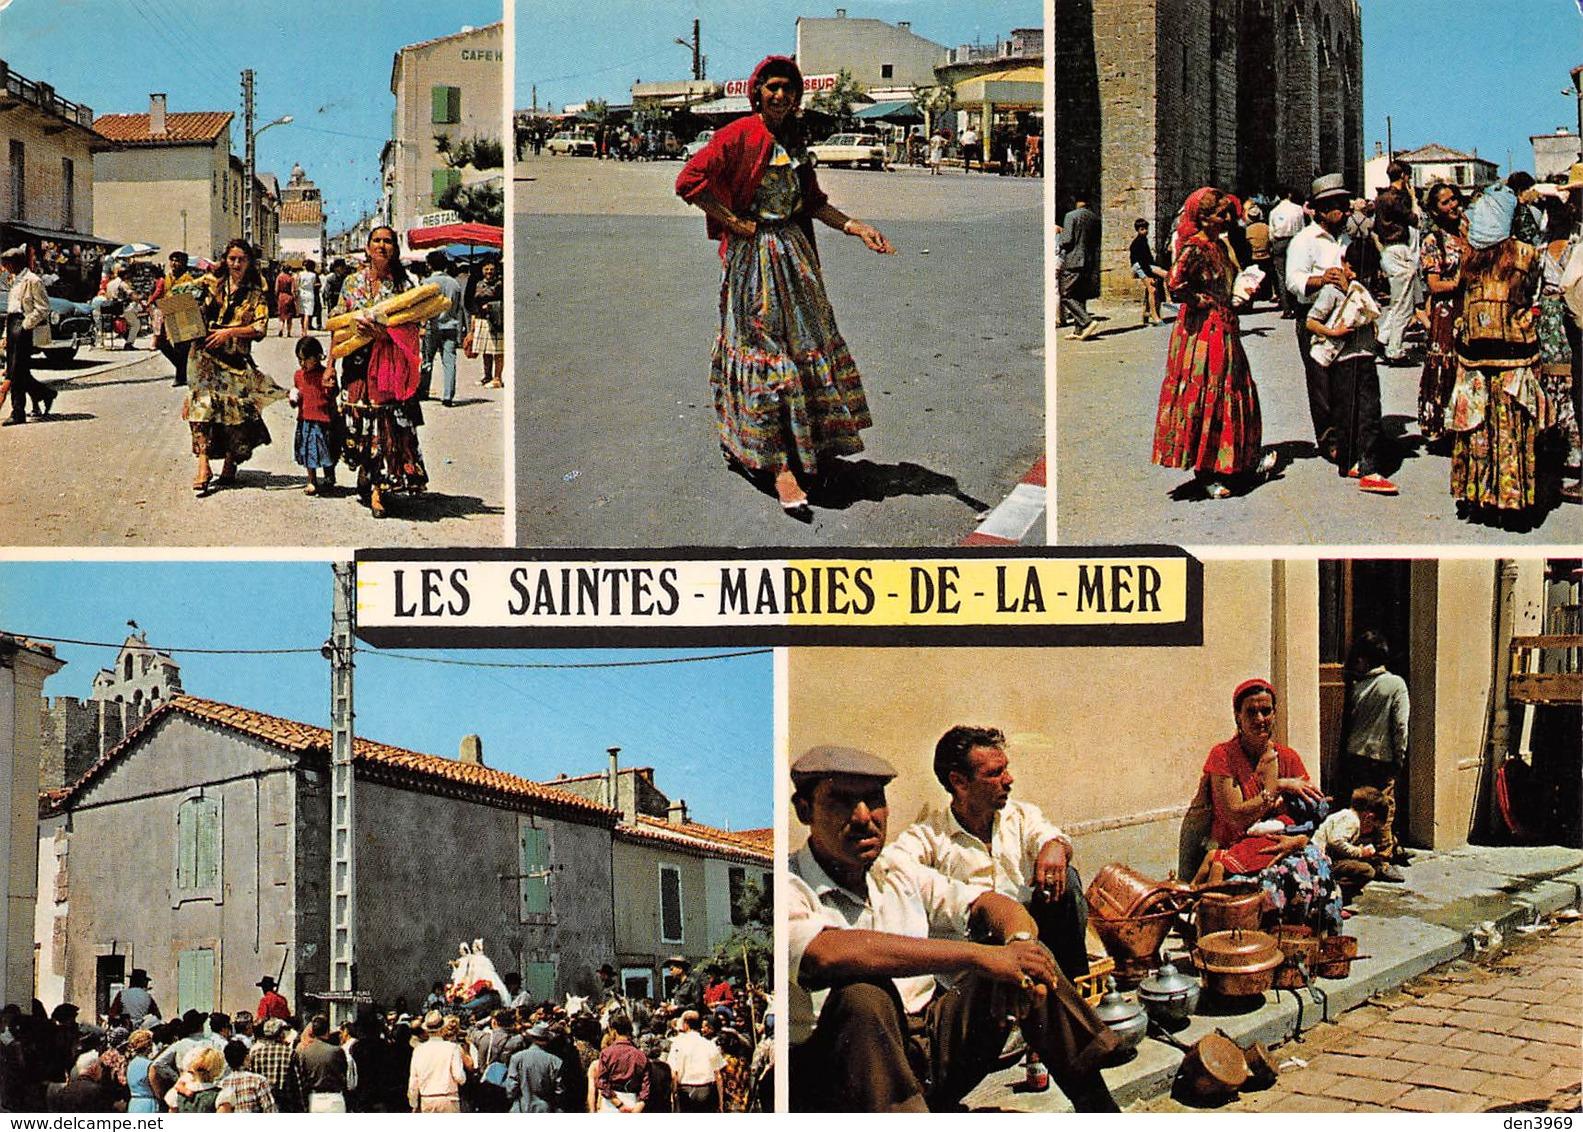 Les SAINTES-MARIES-de-la-MER - Les Gitans - Souvenir De La Procession Des Saintes - Salomé Et Jacobé - Saintes Maries De La Mer